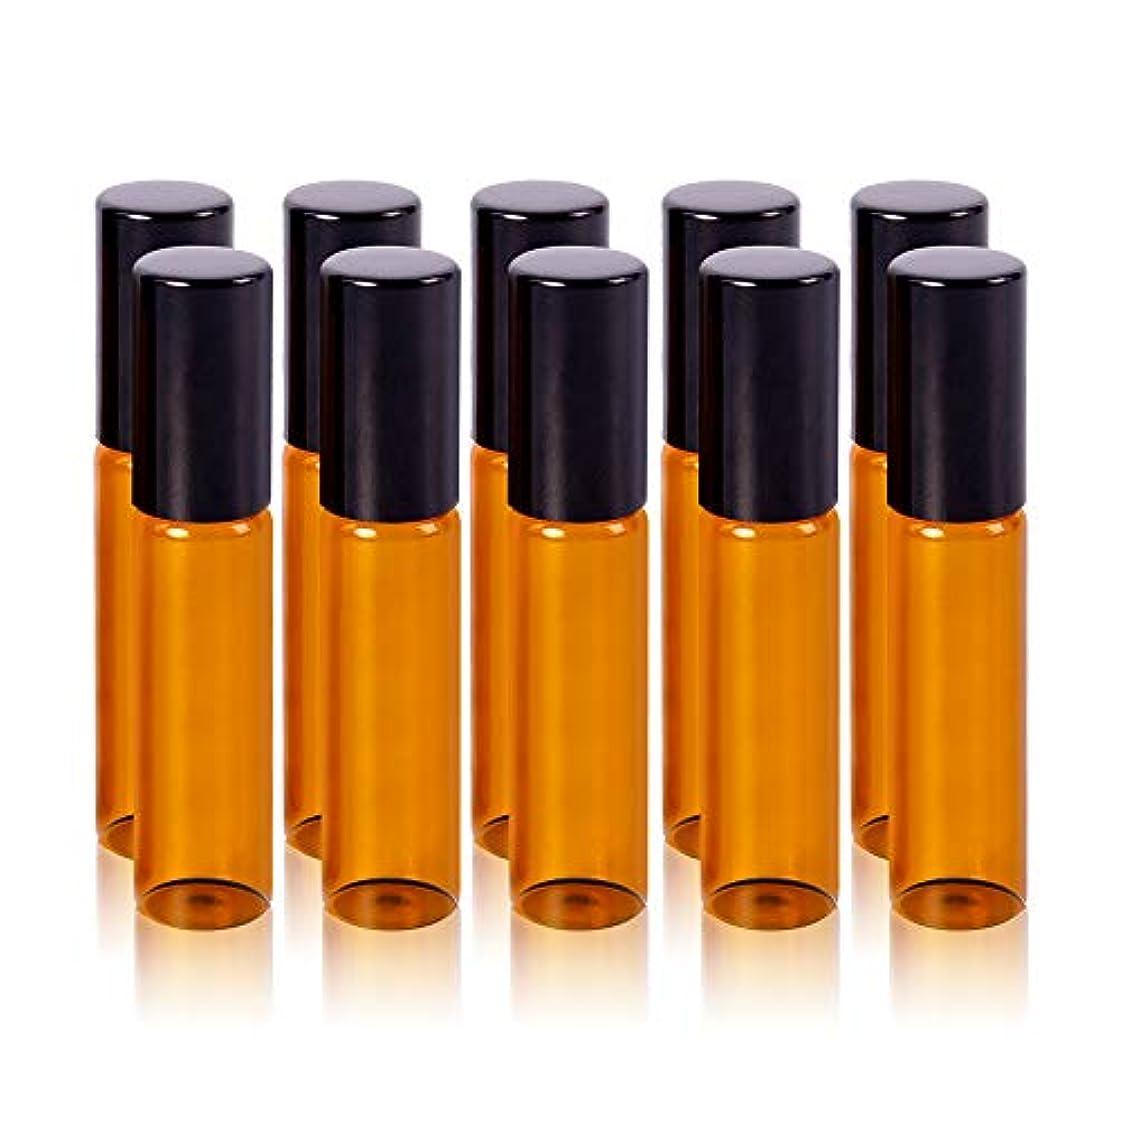 拒絶するクライアントスクラッチアロマオイル 精油 小分け用 遮光瓶 10本セット (5ml)